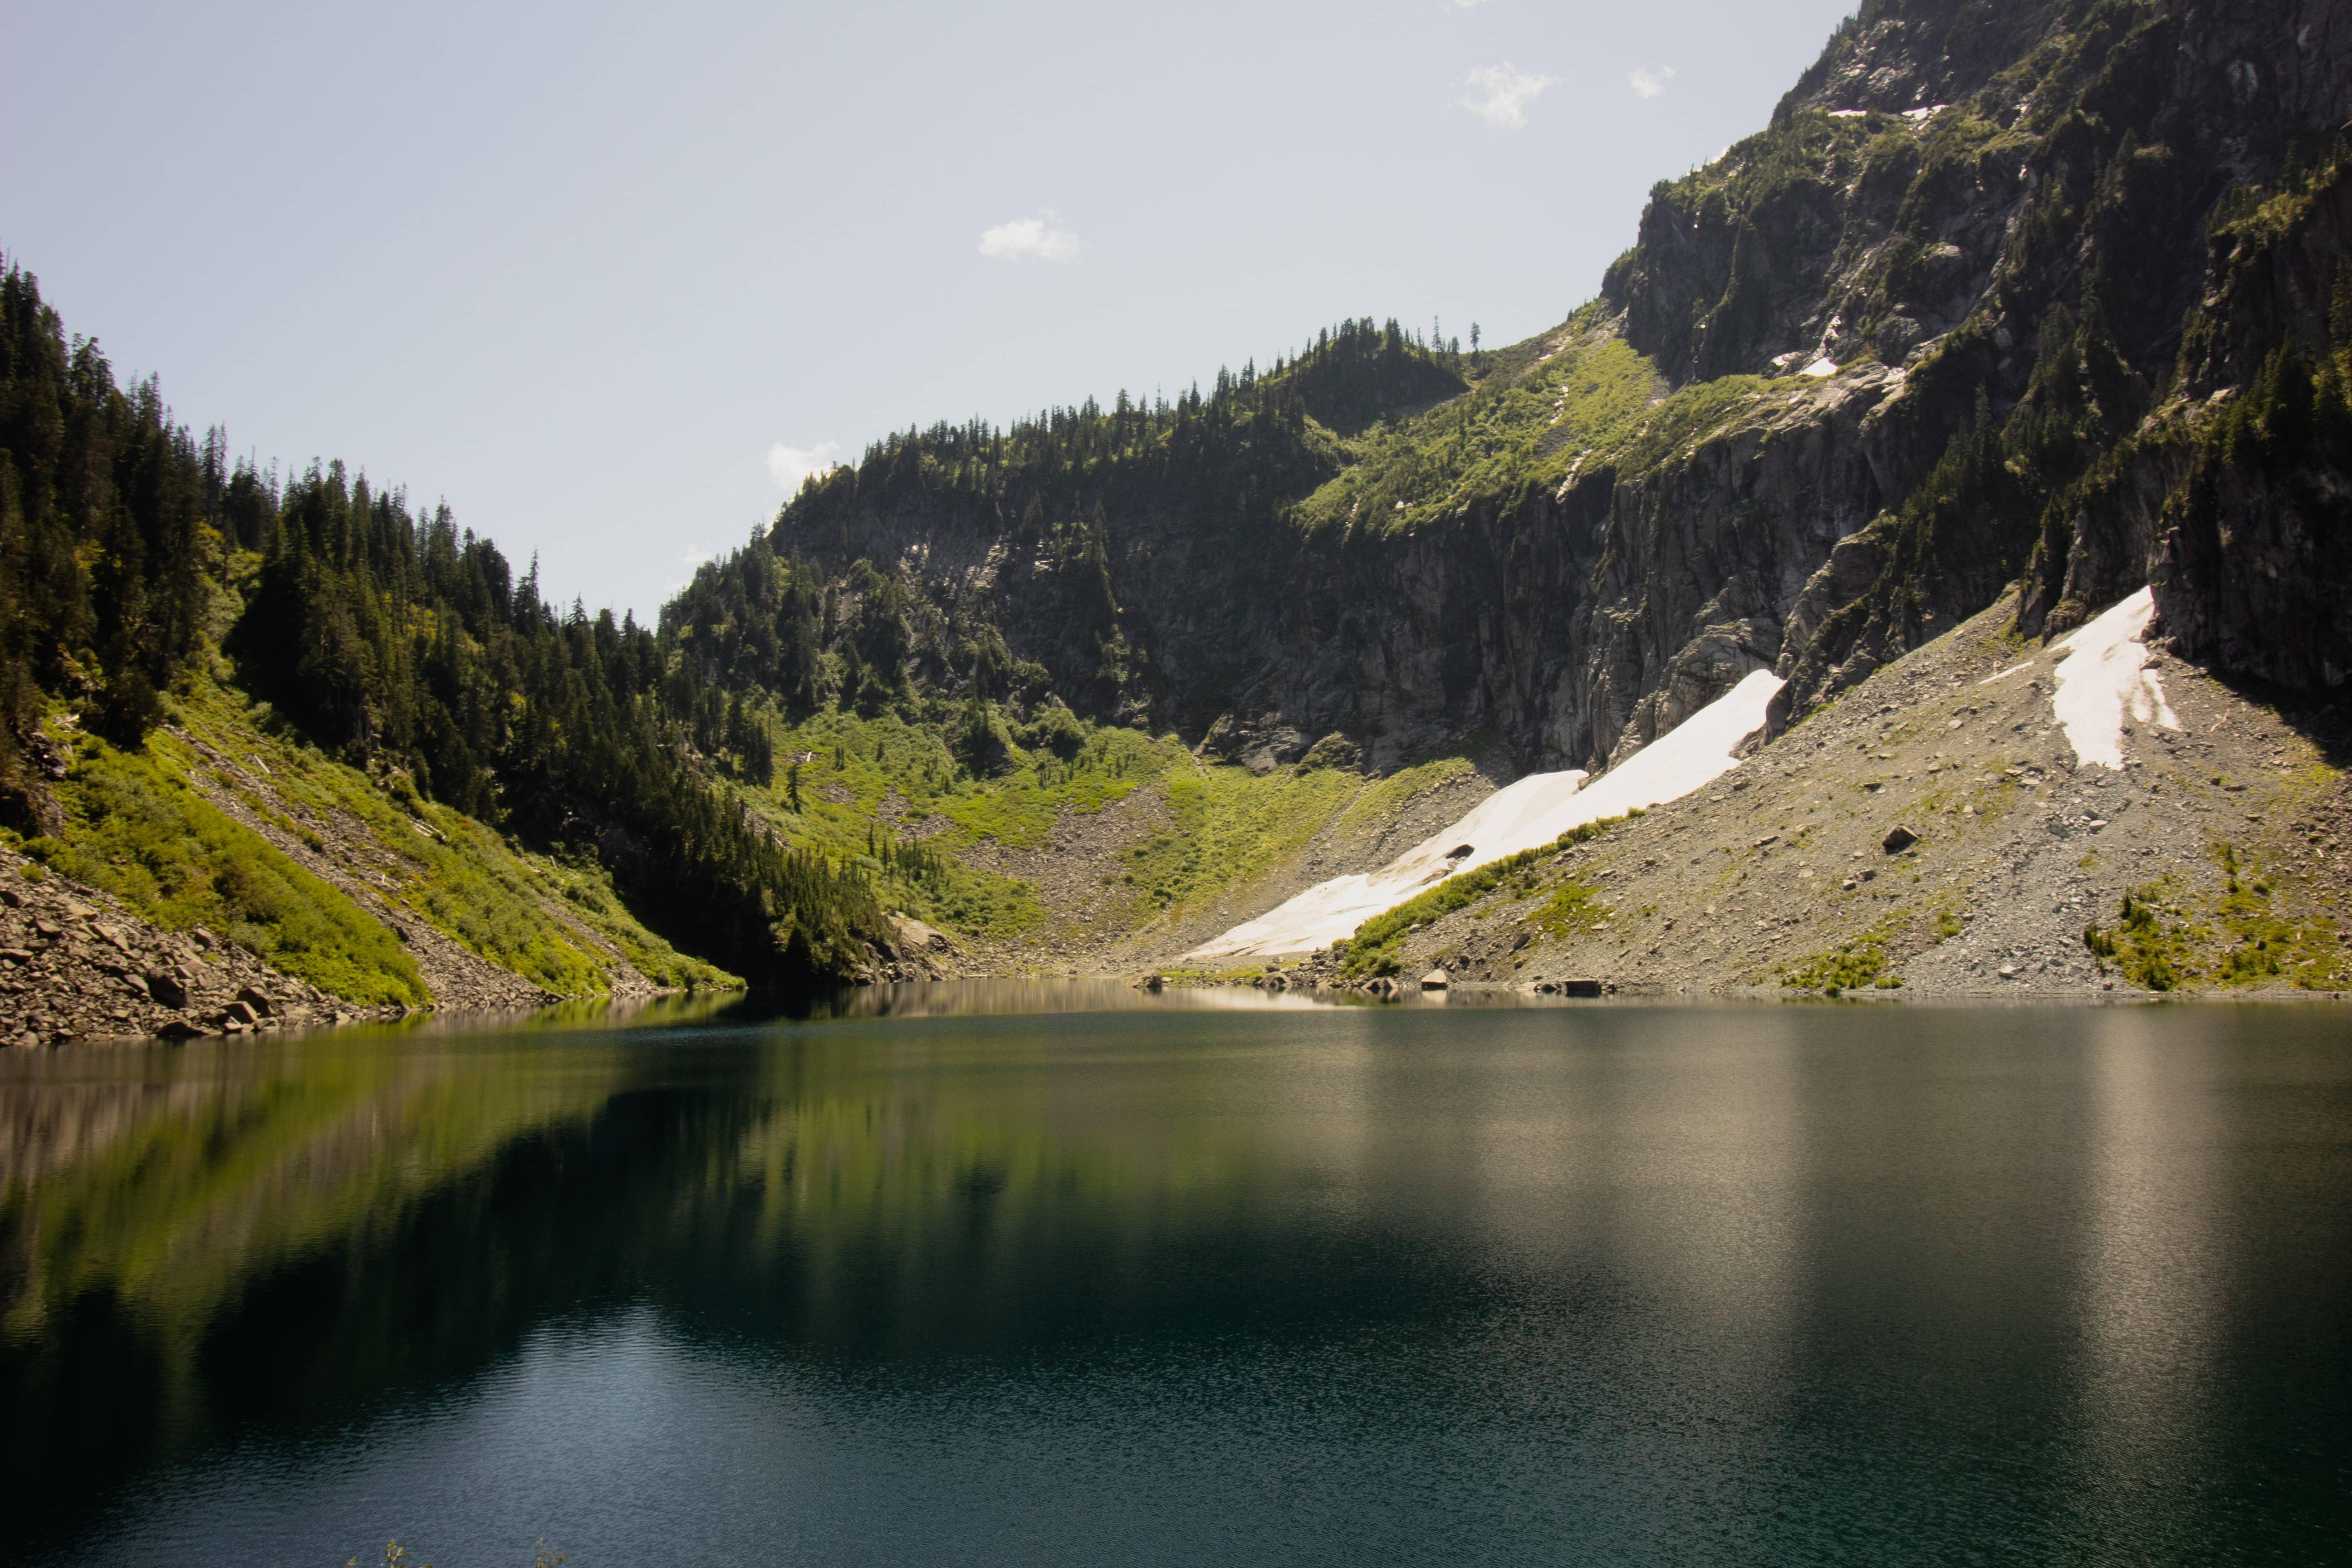 Lake Serene in Washington